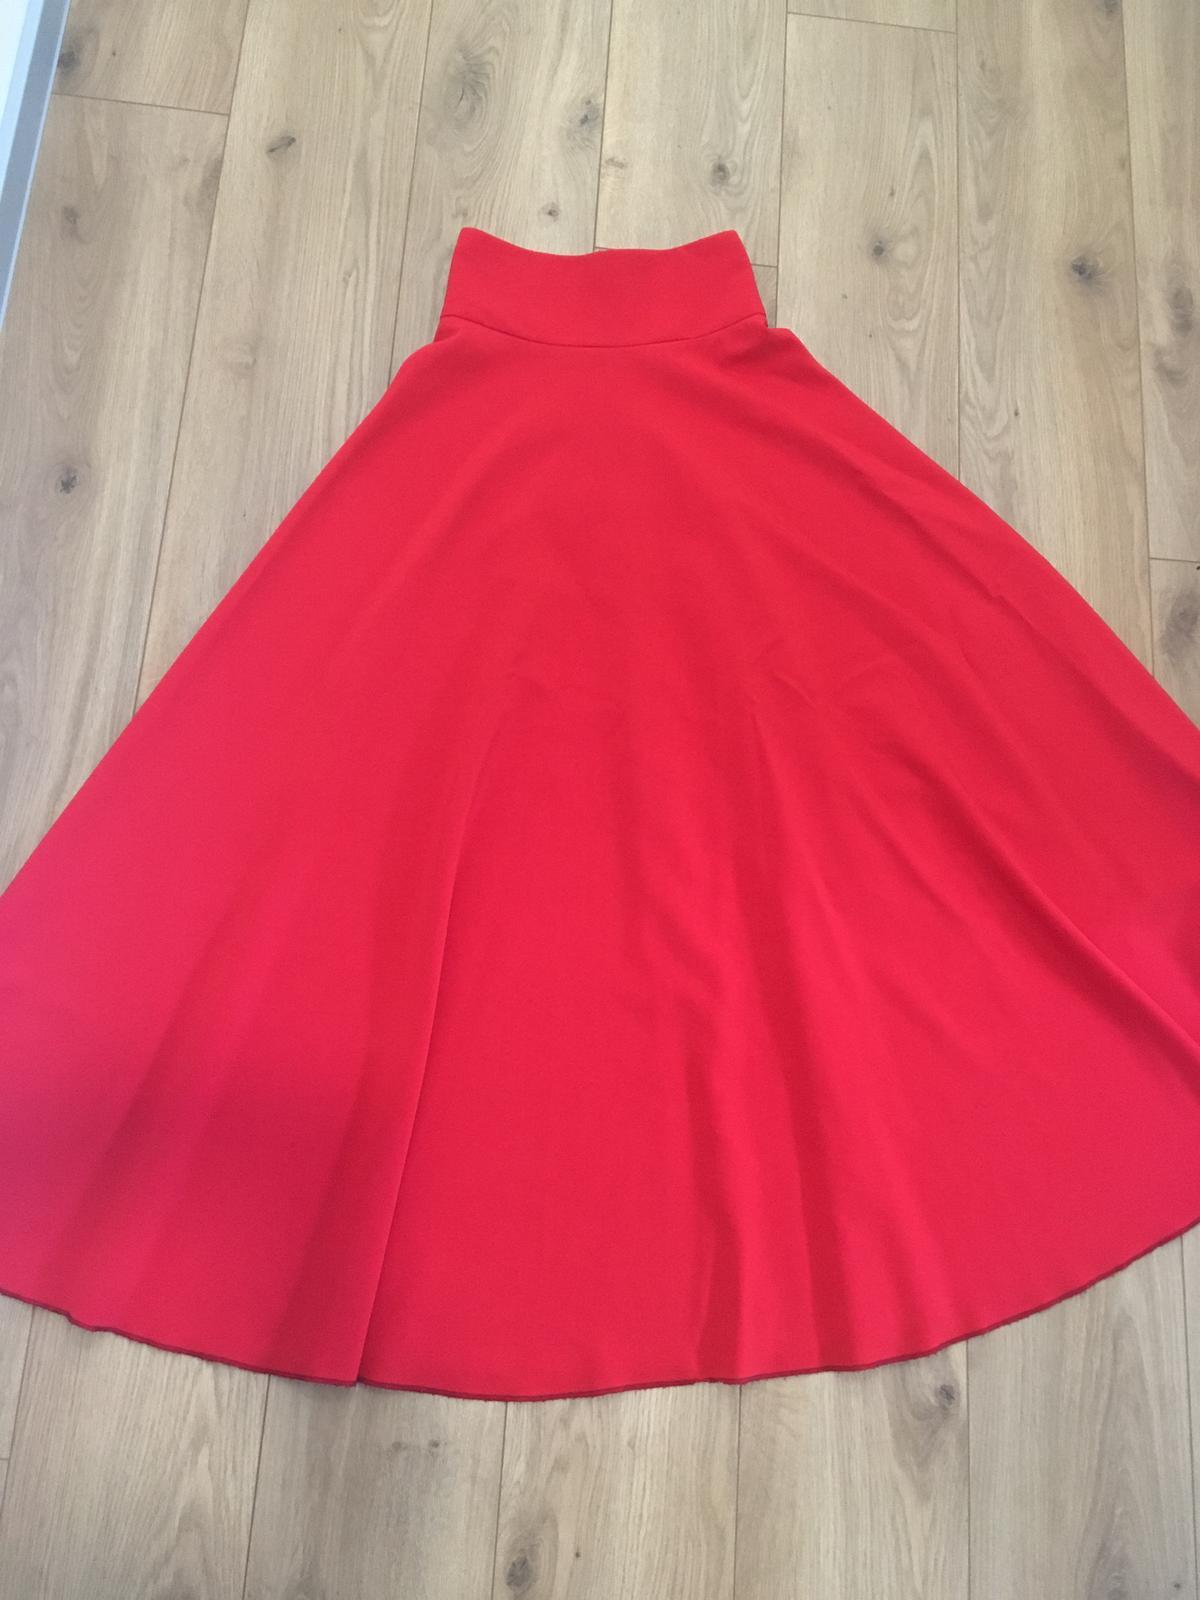 Červená sukňa - Obrázok č. 4